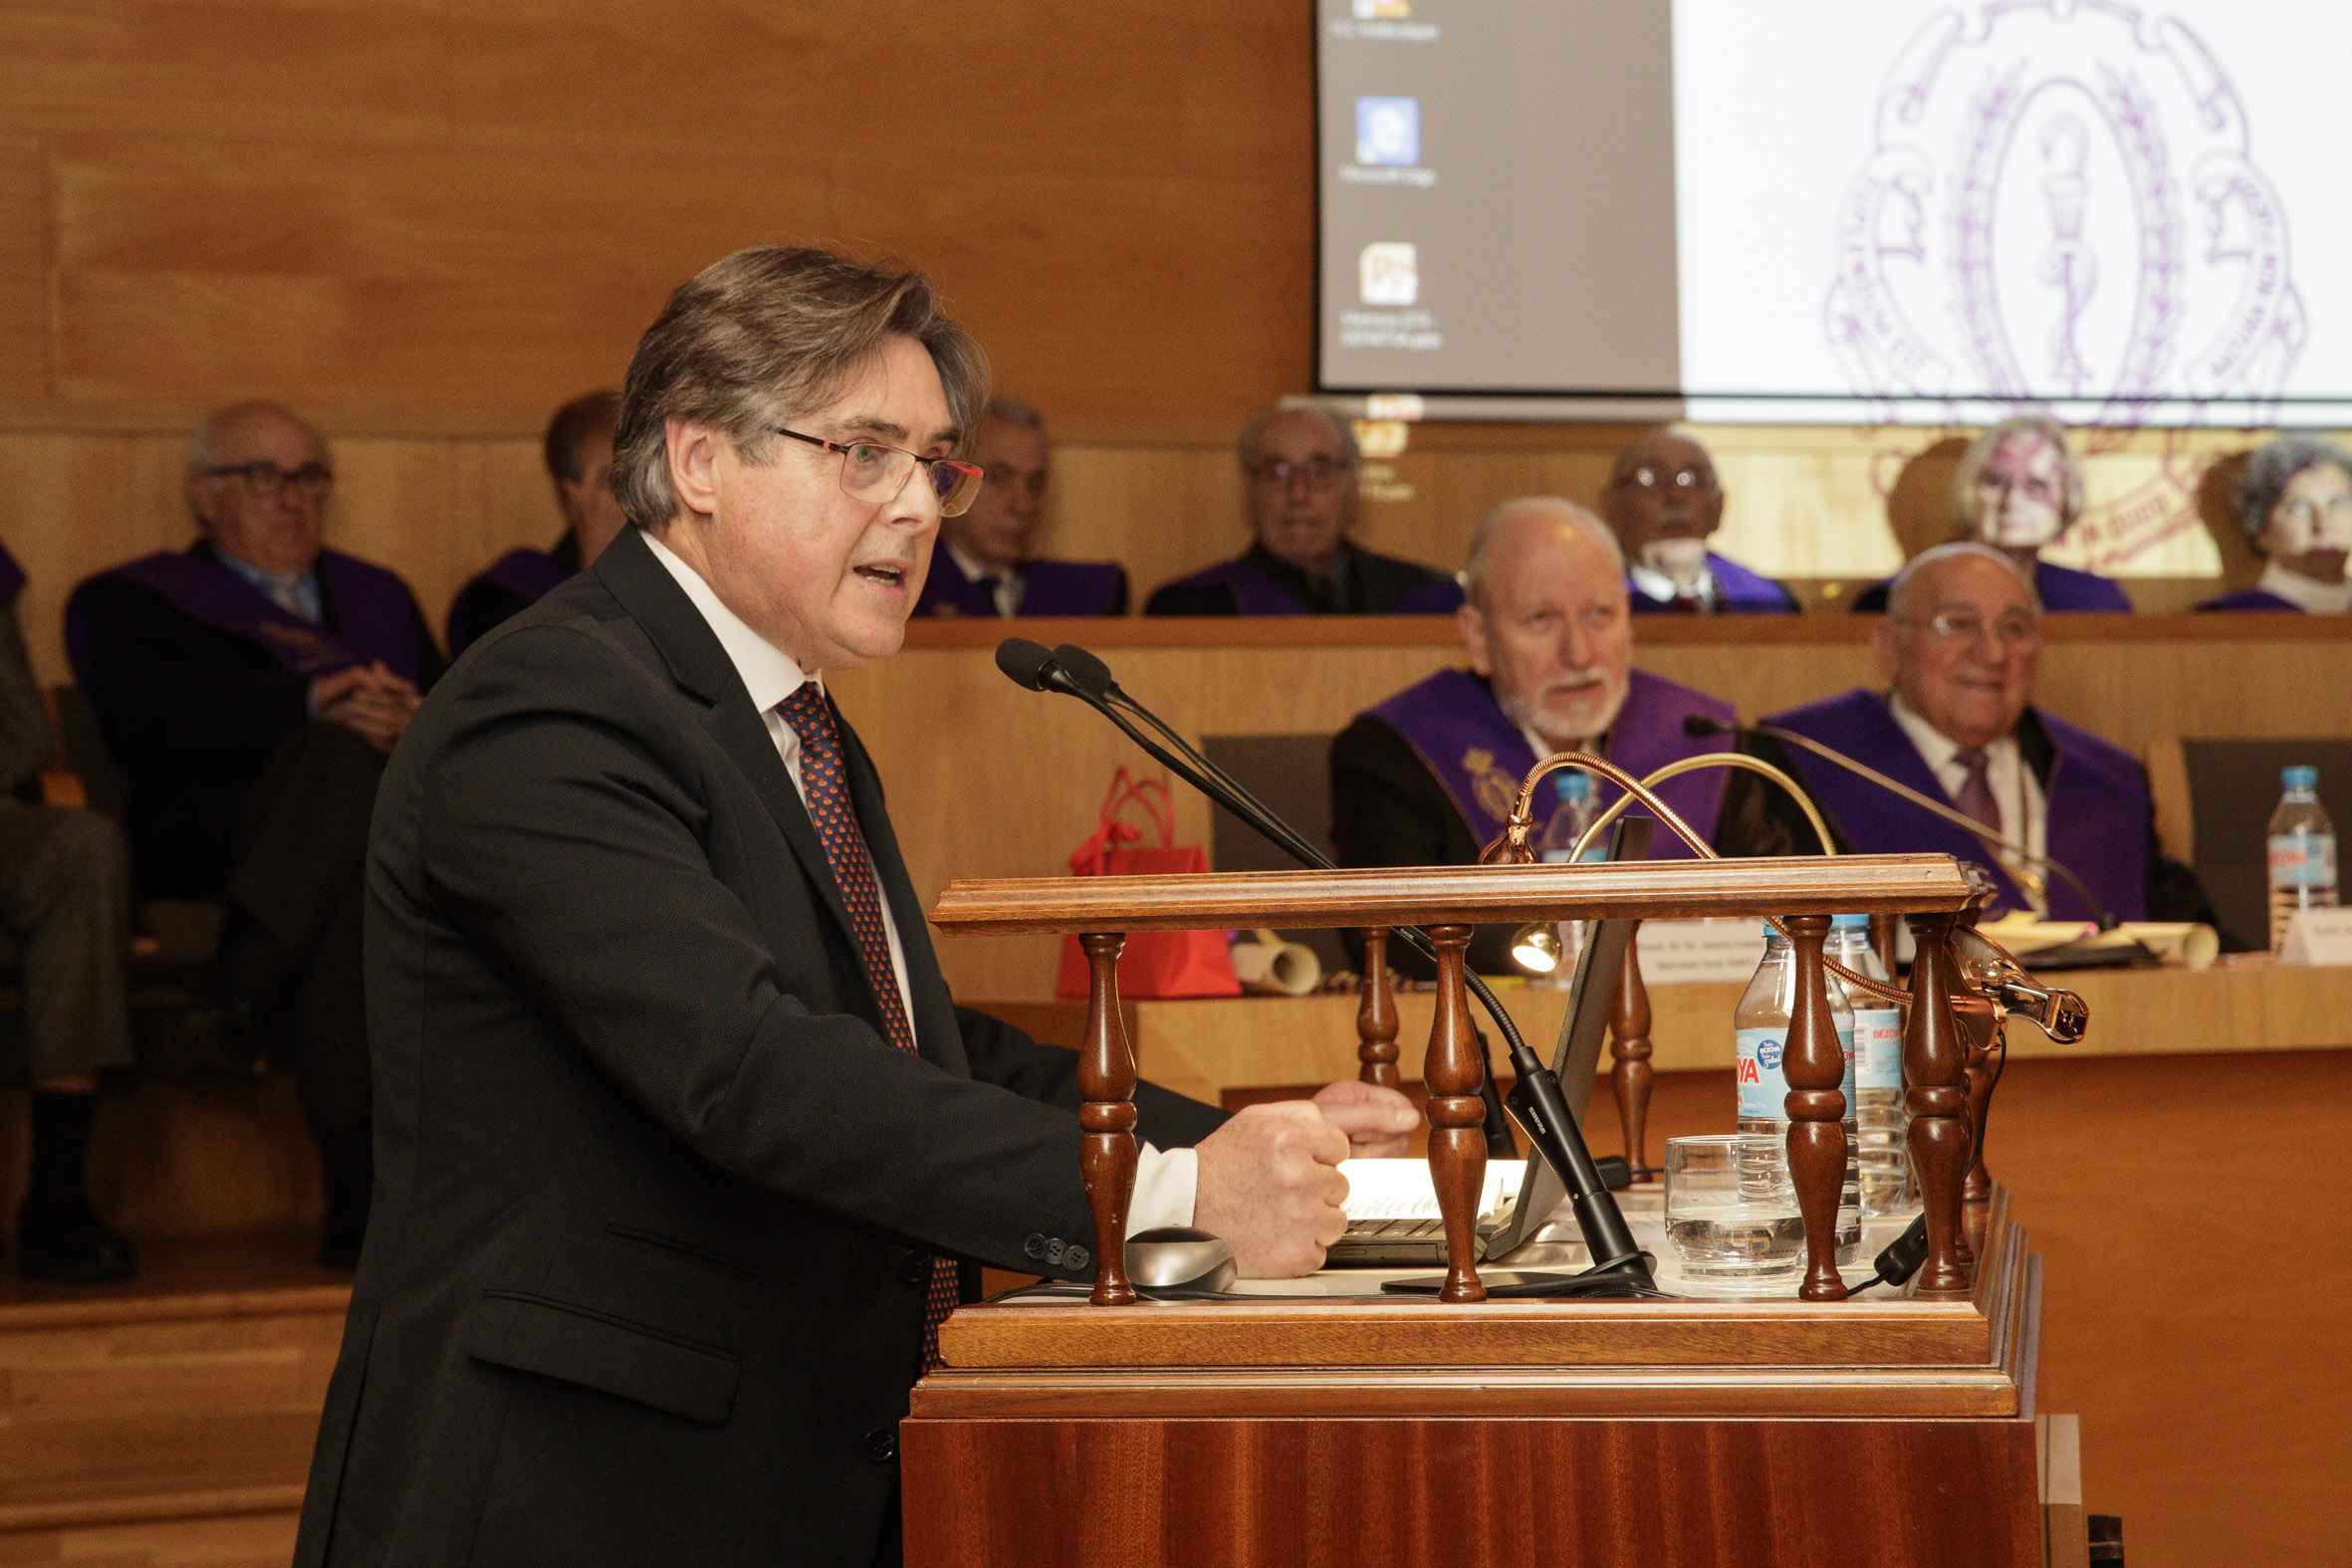 El presidente de Farmamundi recibe el XXII Premio de la Reial Acadèmia de Farmàcia de Catalunya